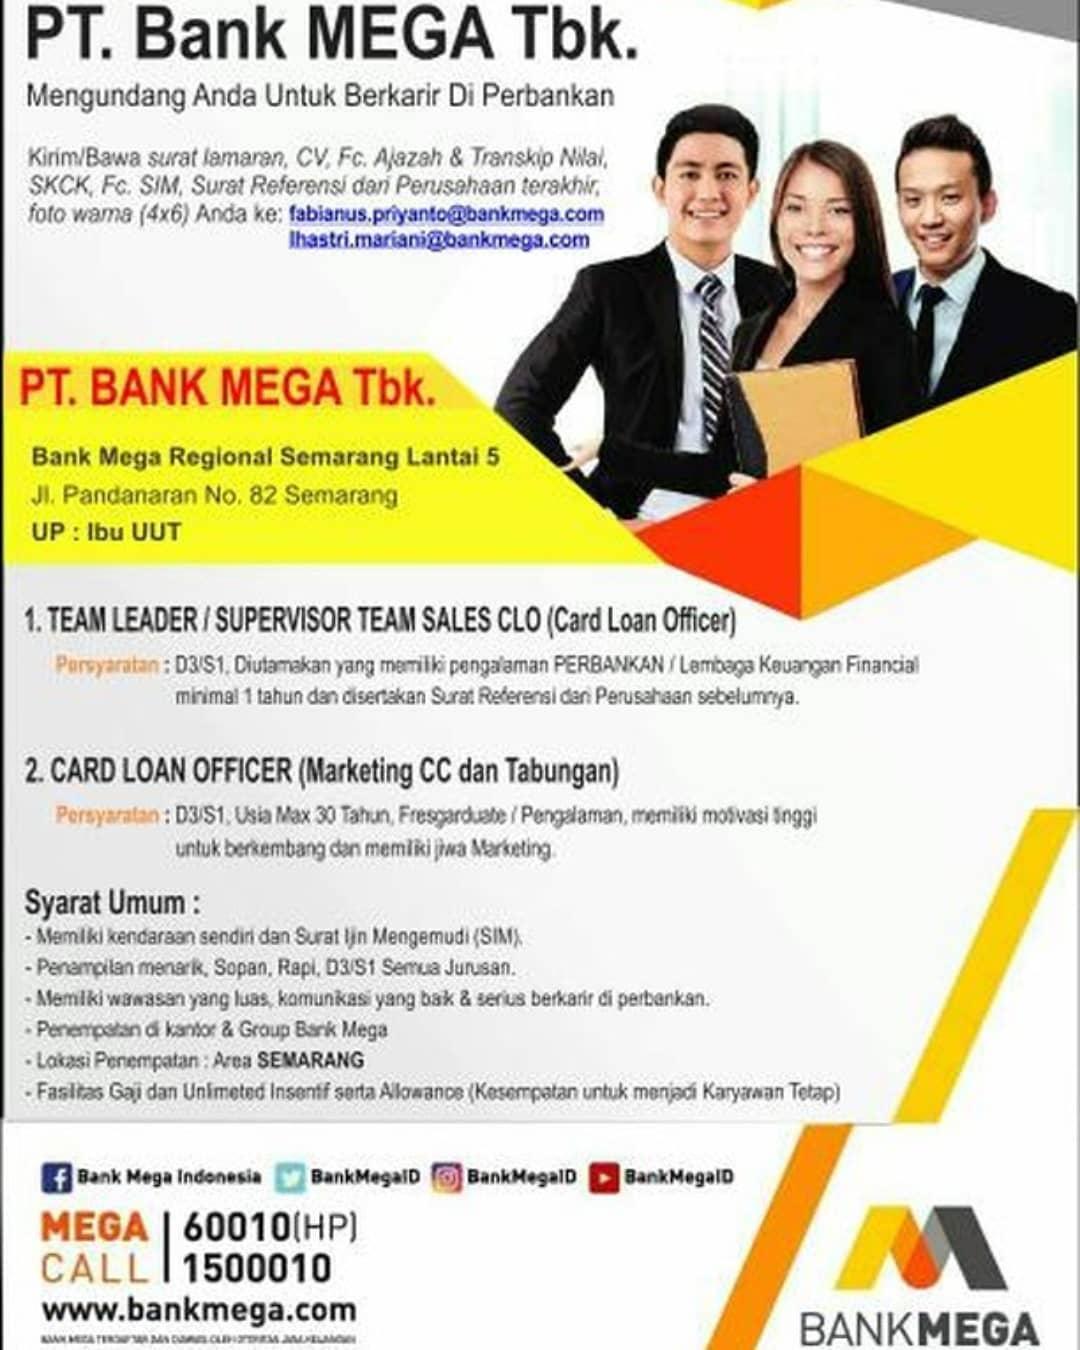 PT. Bank MEGA Tbk.